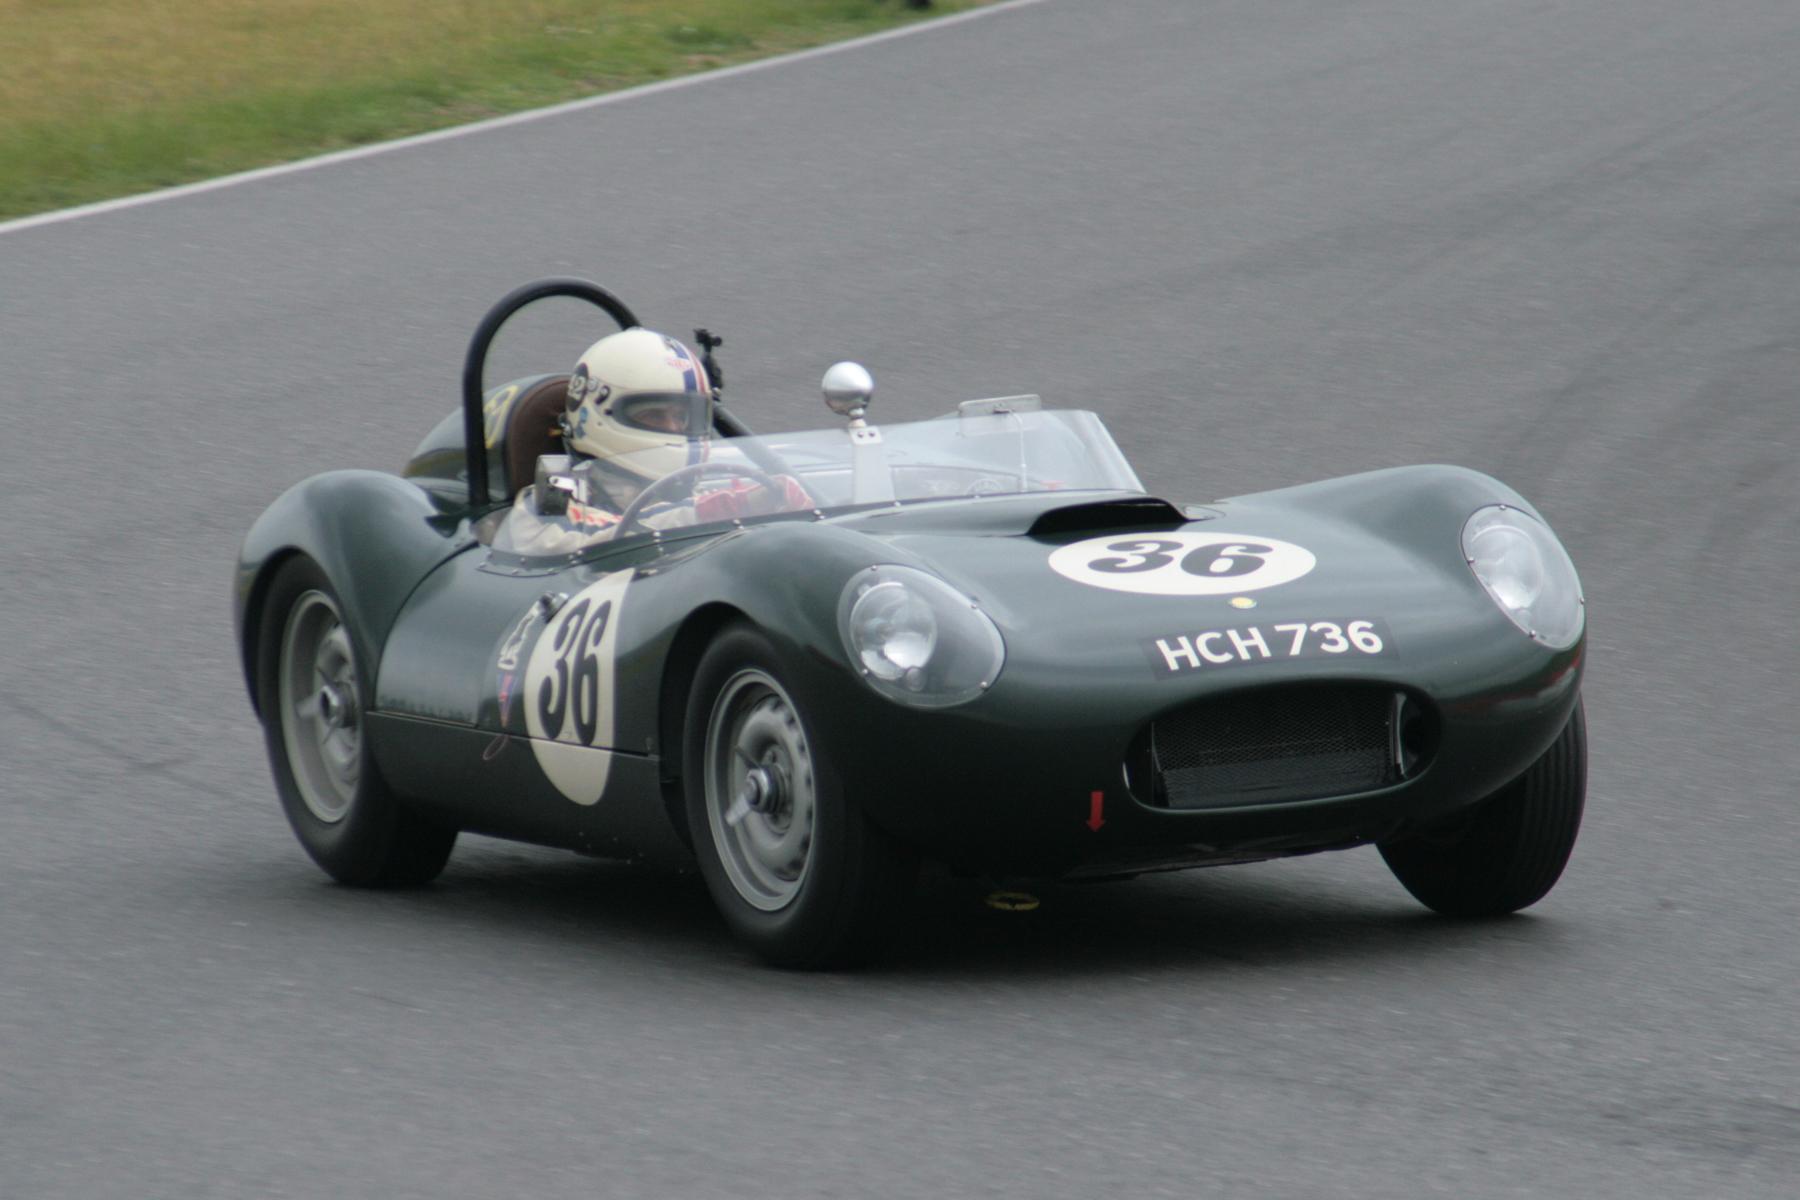 Stevee Boultbee-Brooks took pole in the Lister Jaguar Flatiron                        Photo - John Turner